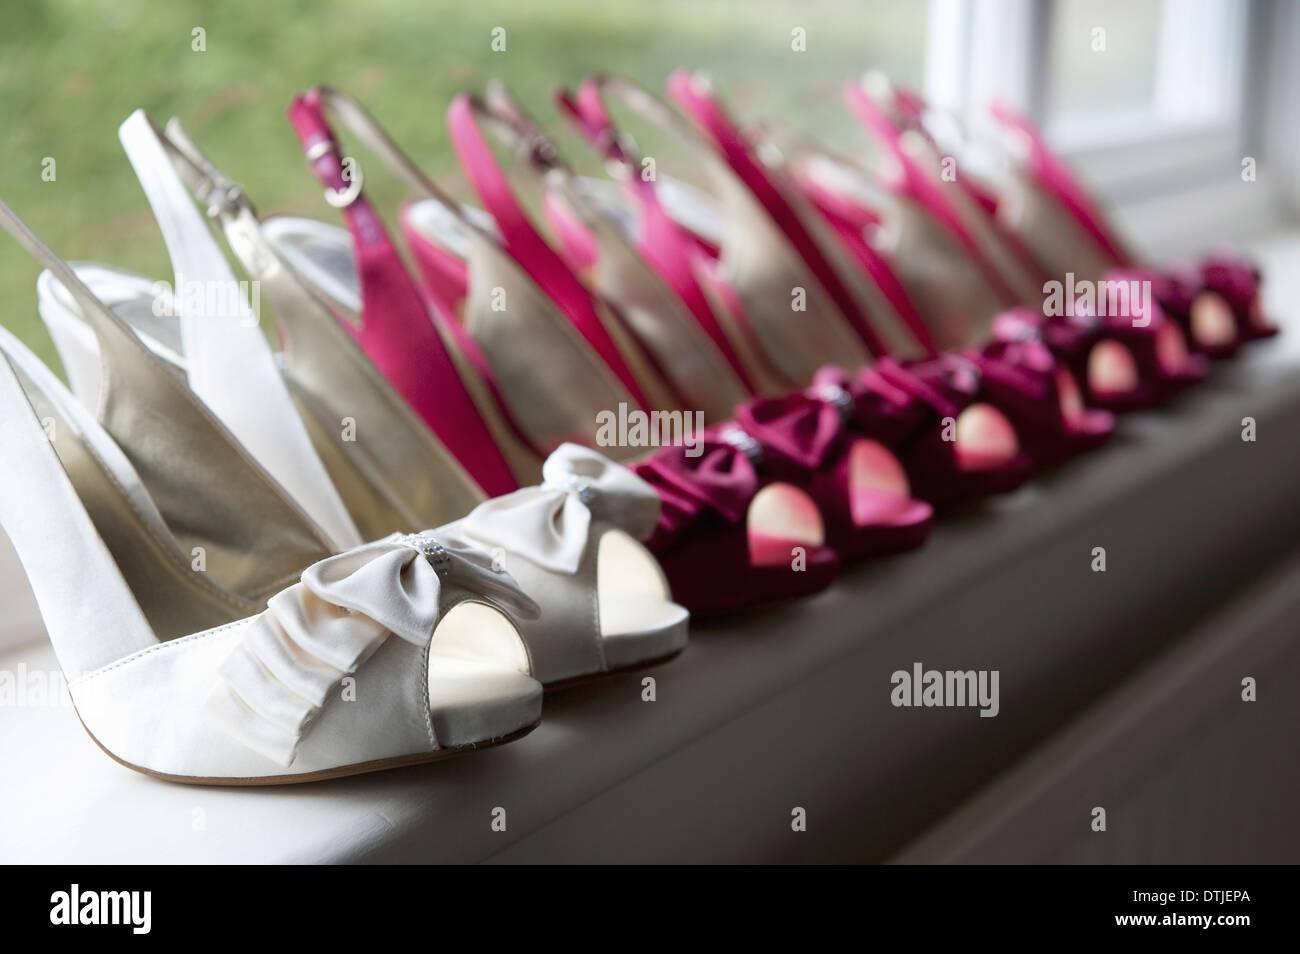 Una fila de pares de zapatos de tacón alto de peep toe slingbacks en blanco y rosa ocasión especial Inglaterra Imagen De Stock